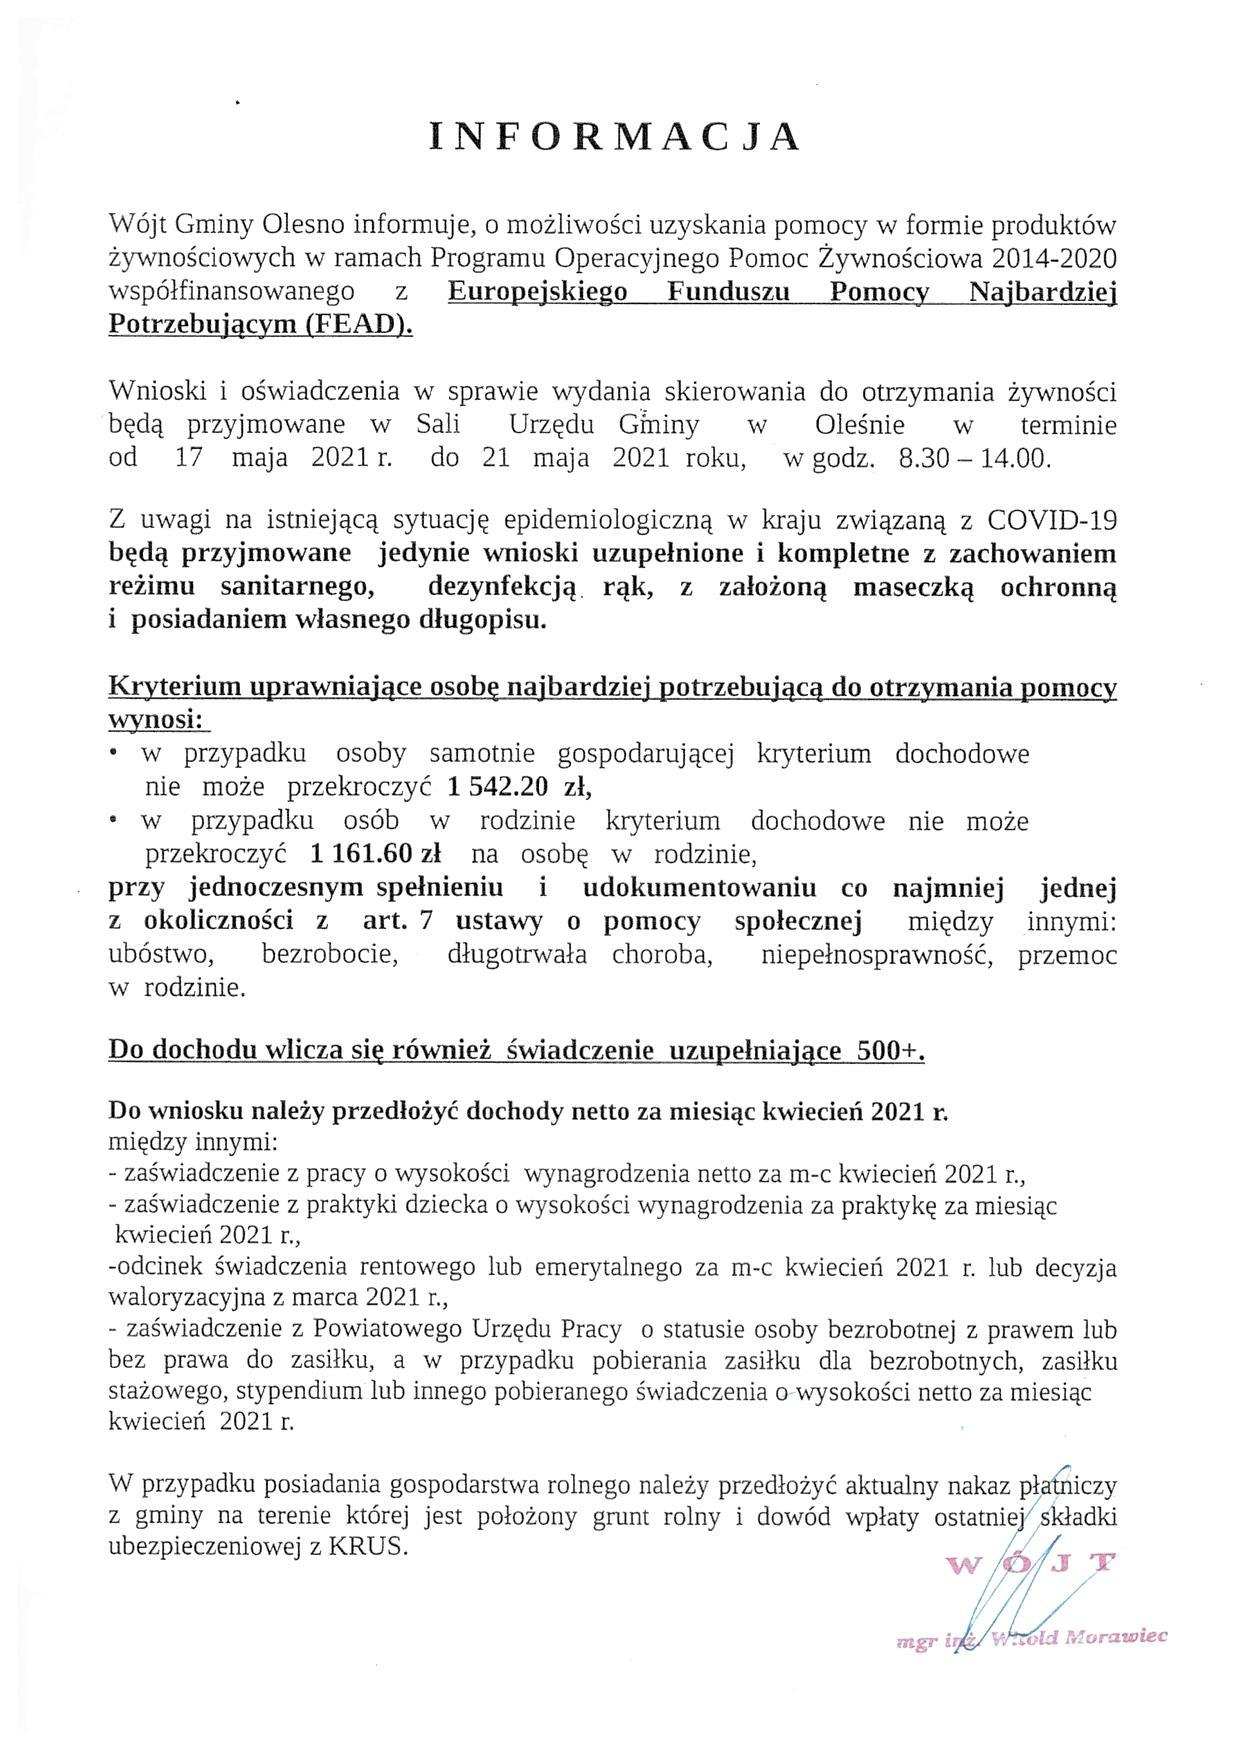 Informacja Wójta Gminy Olesno o możliwości uzyskania pomocy w formie produktów żywnościowych